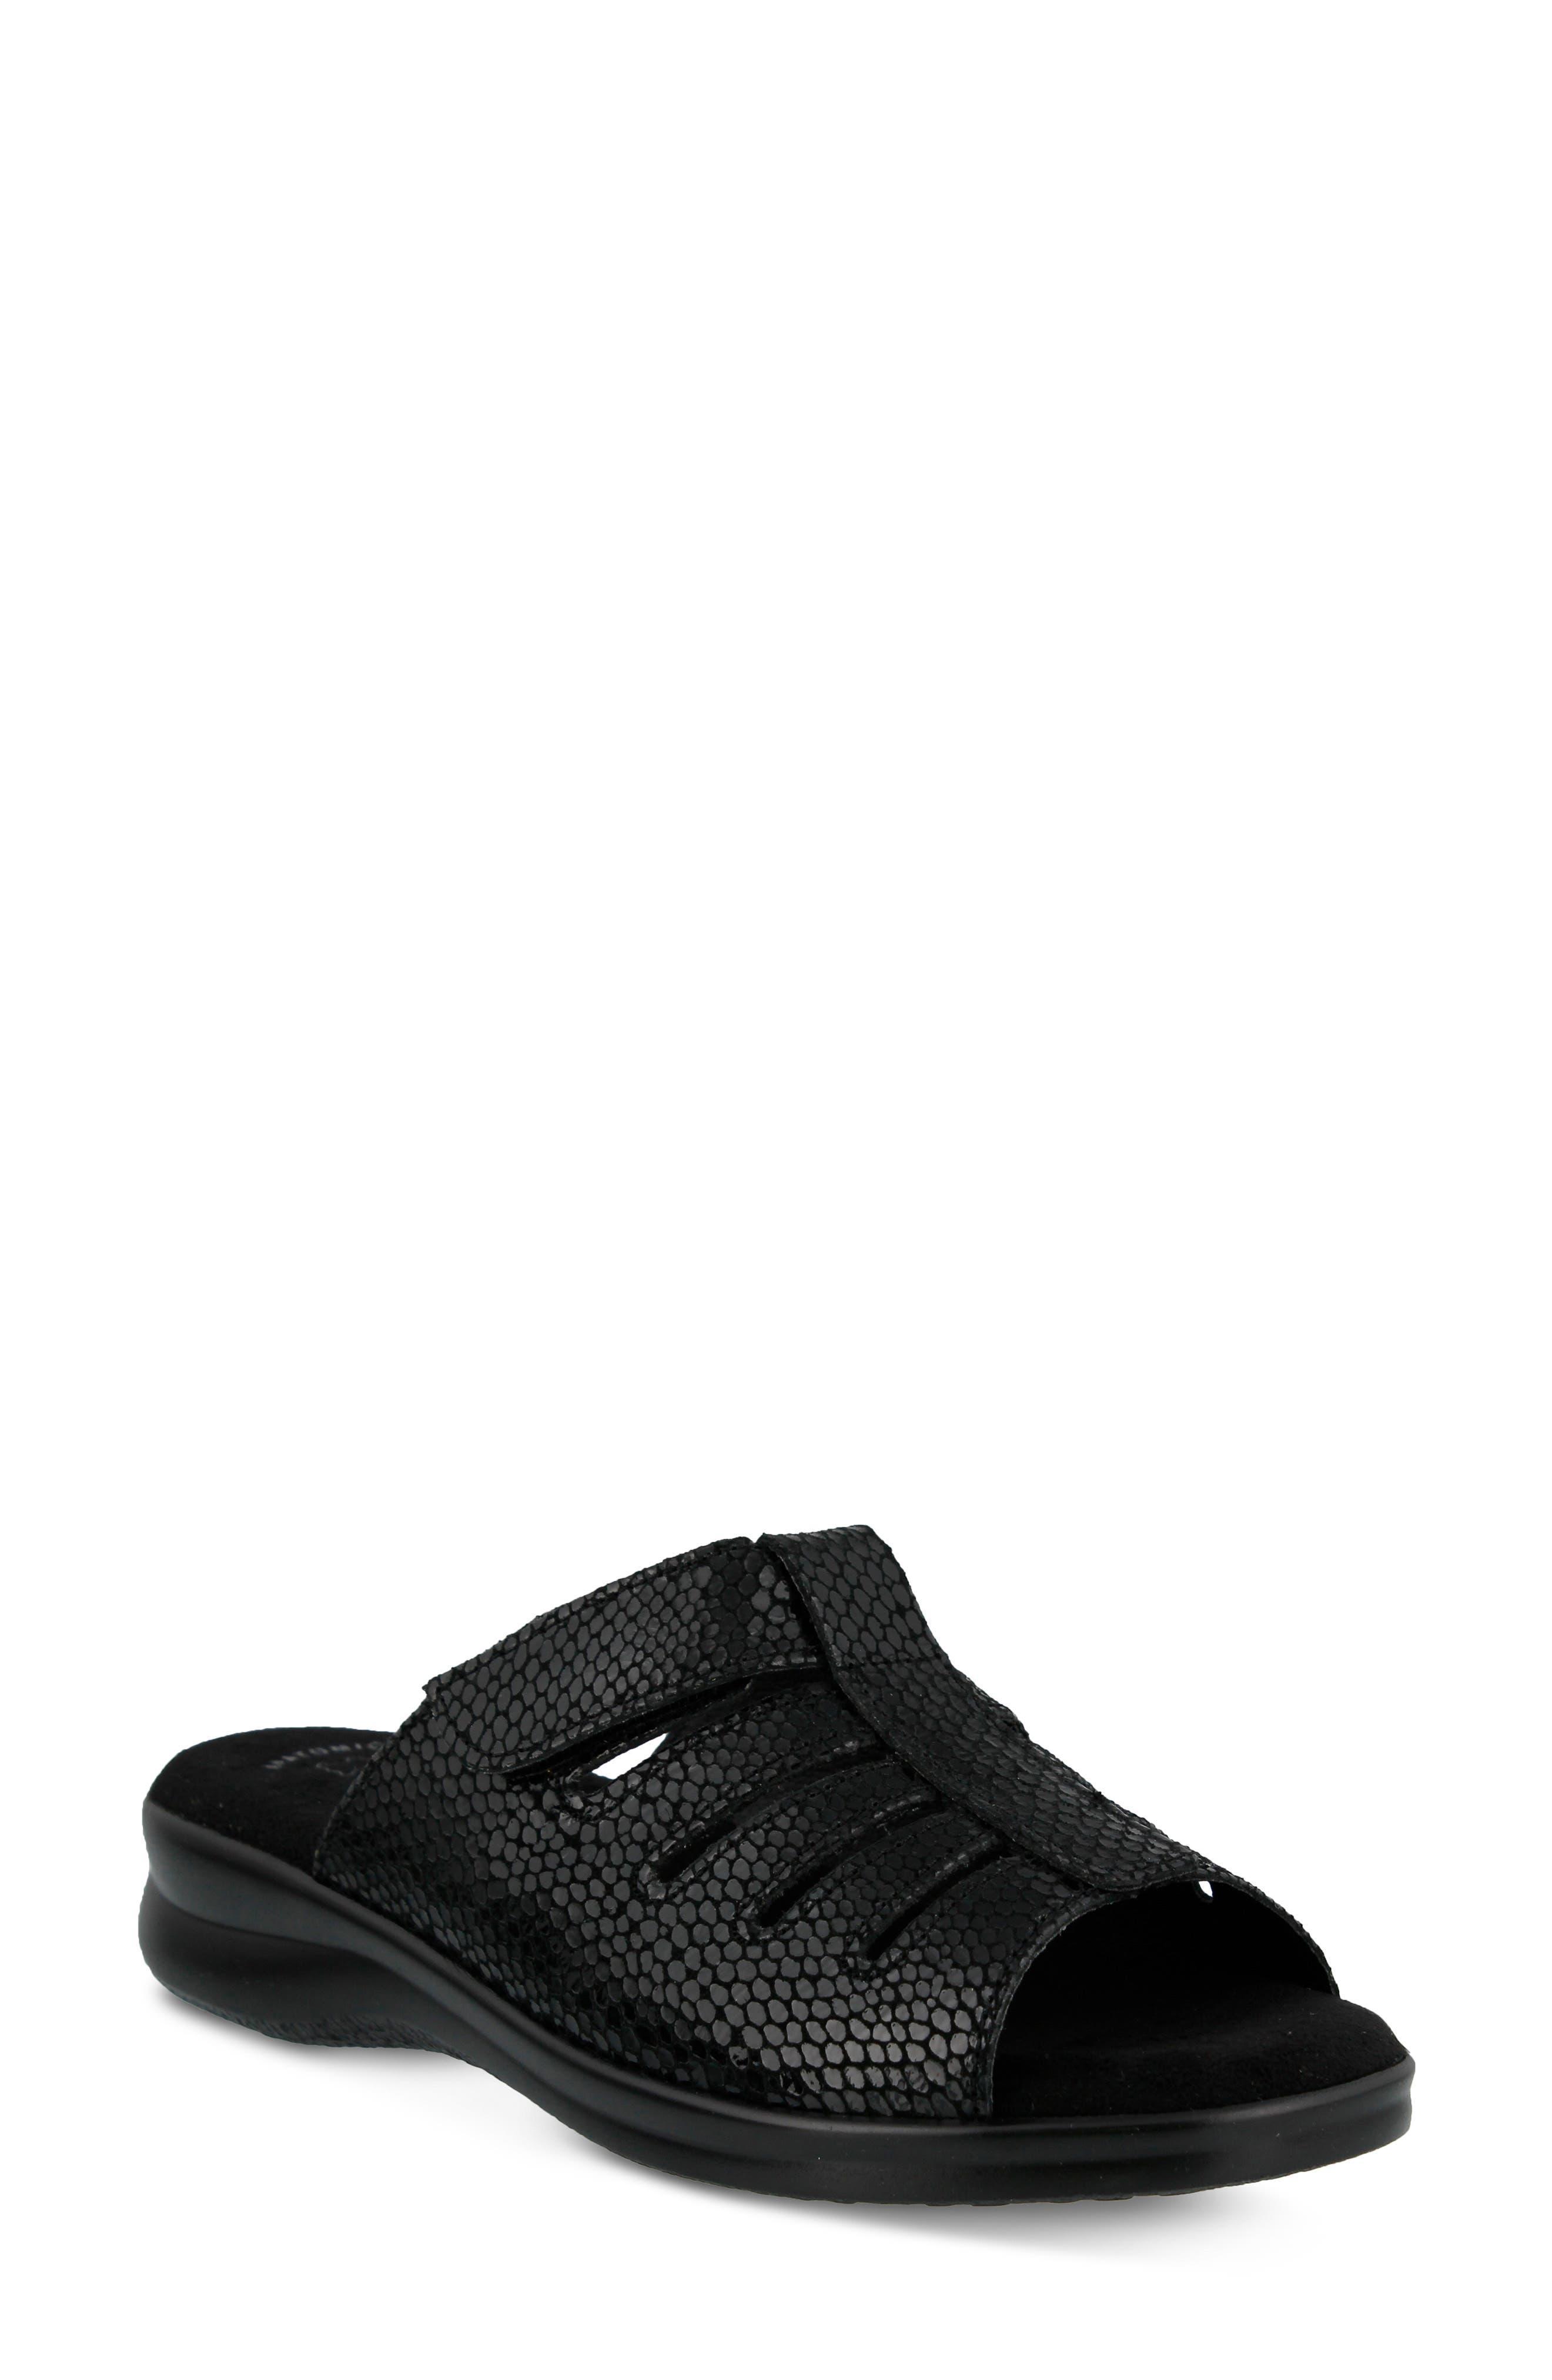 Vamp Slide Sandal